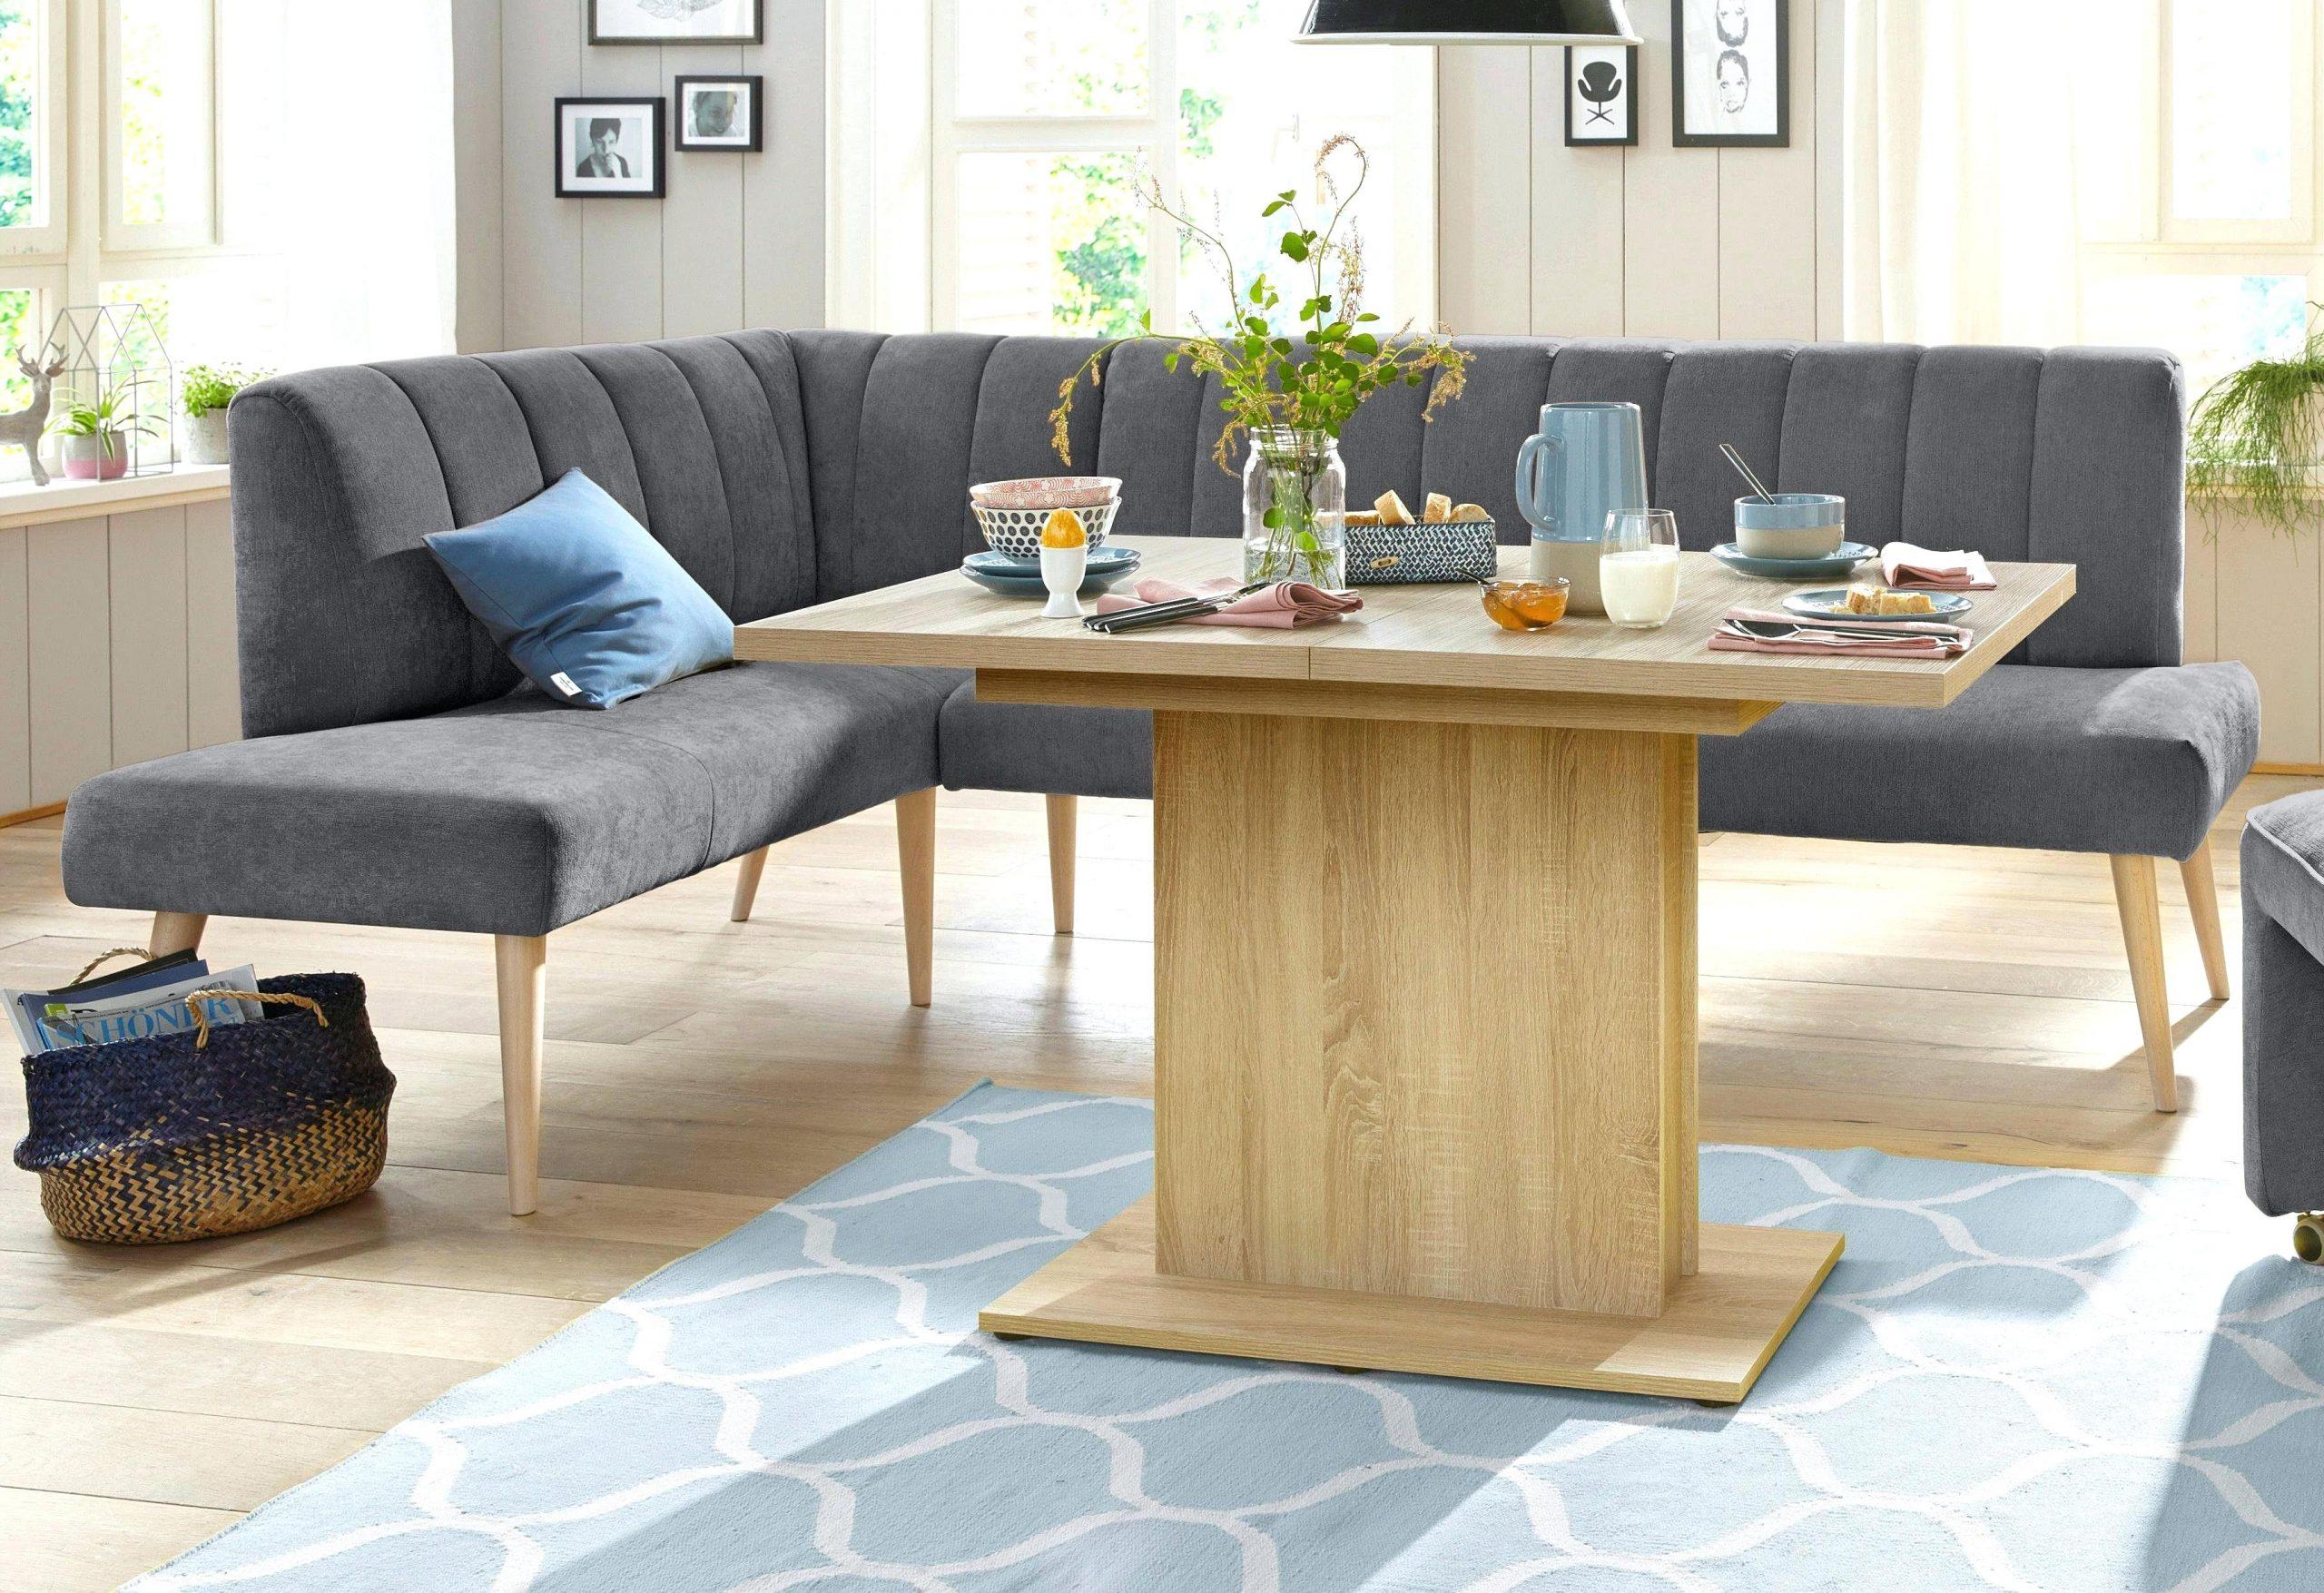 Full Size of Eckbank Ikea Miniküche Betten 160x200 Bei Küche Kosten Sofa Mit Schlaffunktion Kaufen Modulküche Garten Wohnzimmer Eckbank Ikea